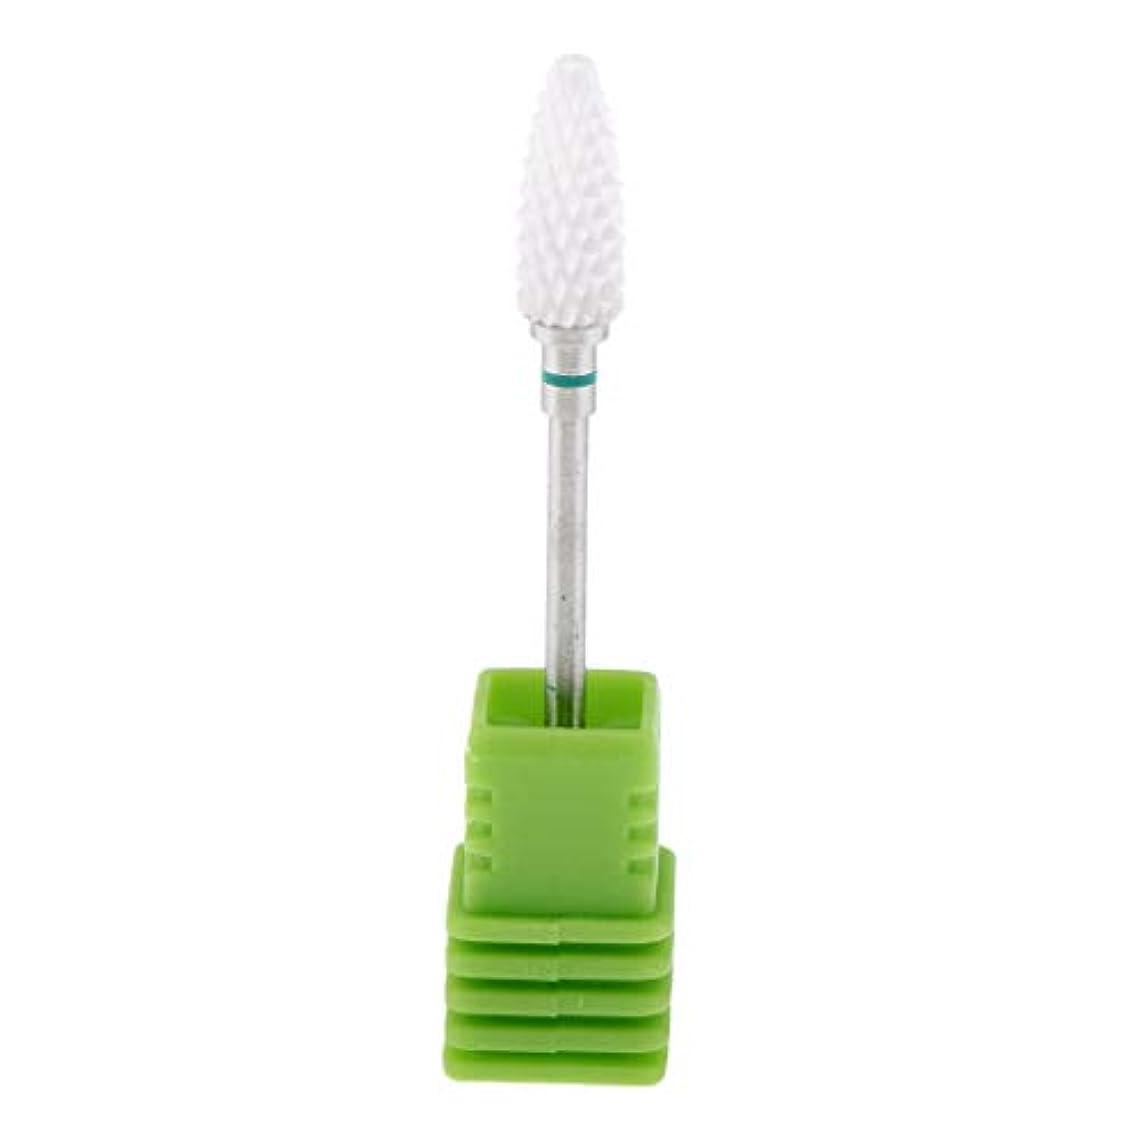 カバー適切な必要とするToygogo ネイルドリルビット 研磨ヘッド 爪やすり 角質除去 爪磨き ネイルアート 全3色 - 緑(粗)